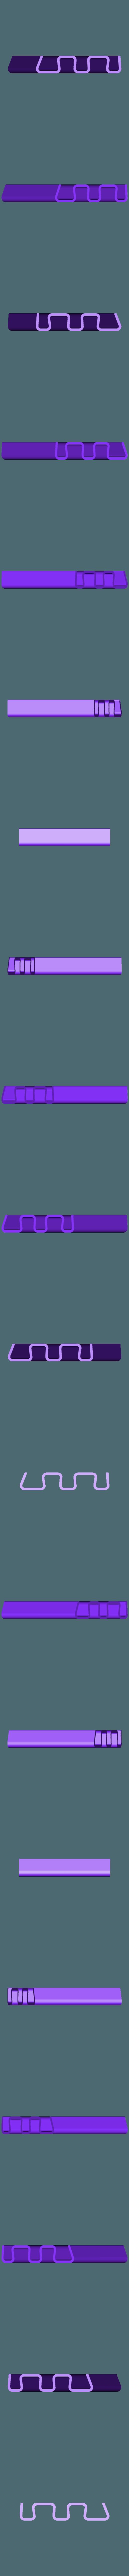 Squiggle_Stand_v1-5_THIN.STL Télécharger fichier STL gratuit Support pour comprimés Squiggle • Plan imprimable en 3D, WalterHsiao